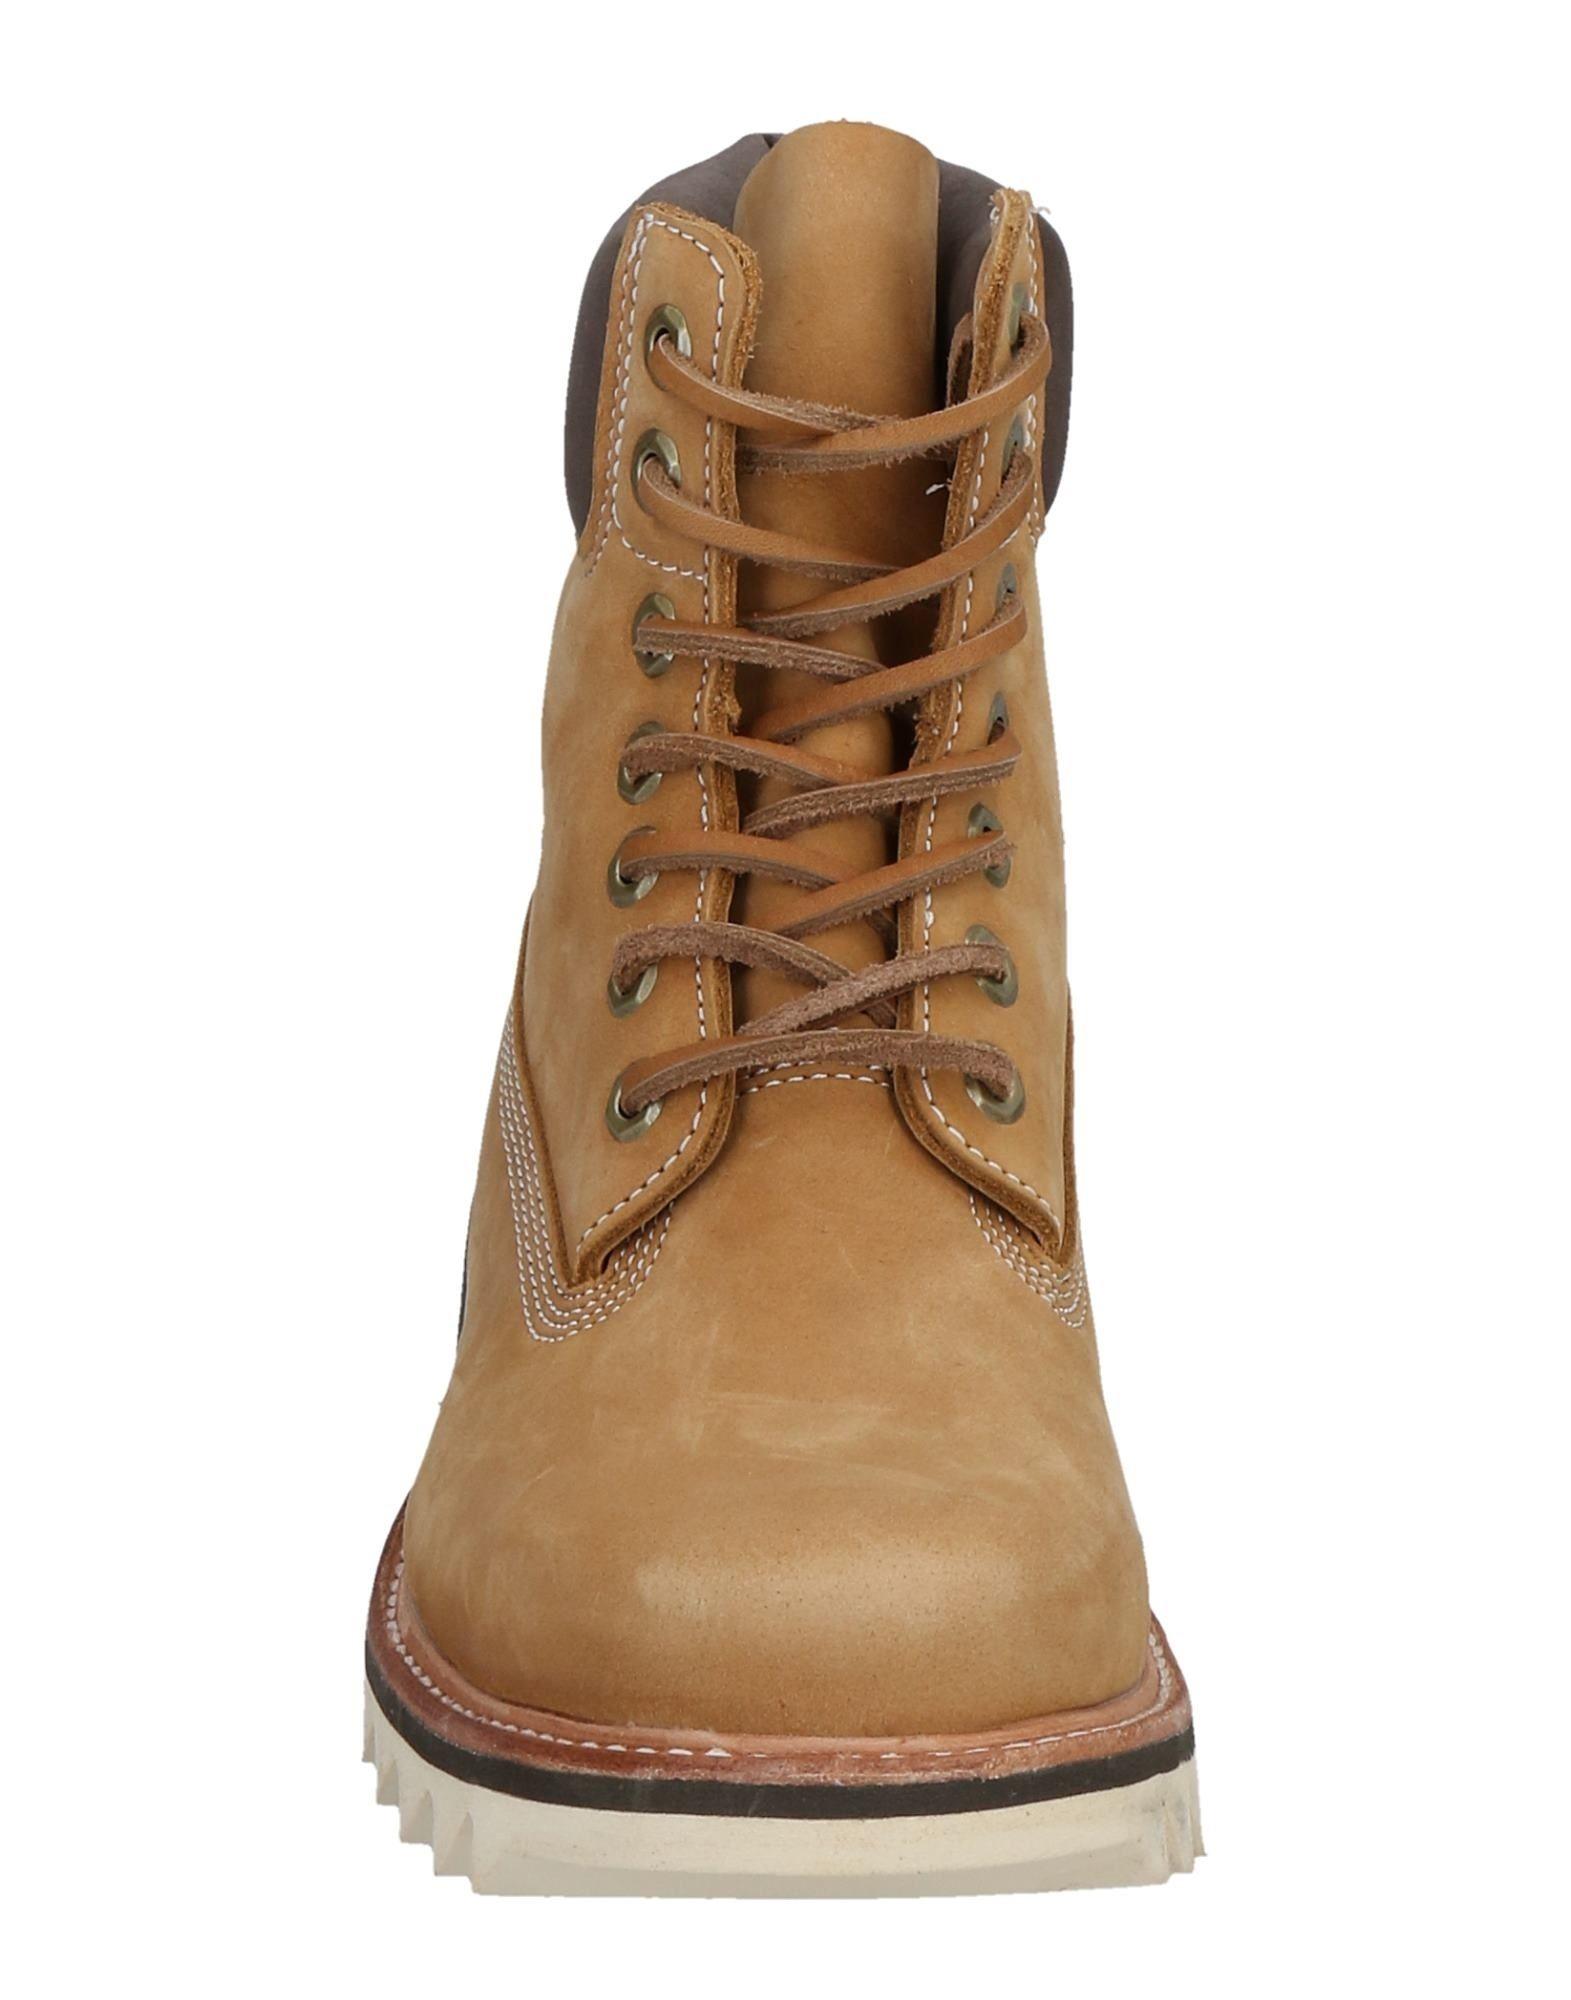 Timberland 11512590US Stiefelette Herren  11512590US Timberland Gute Qualität beliebte Schuhe 1c1372